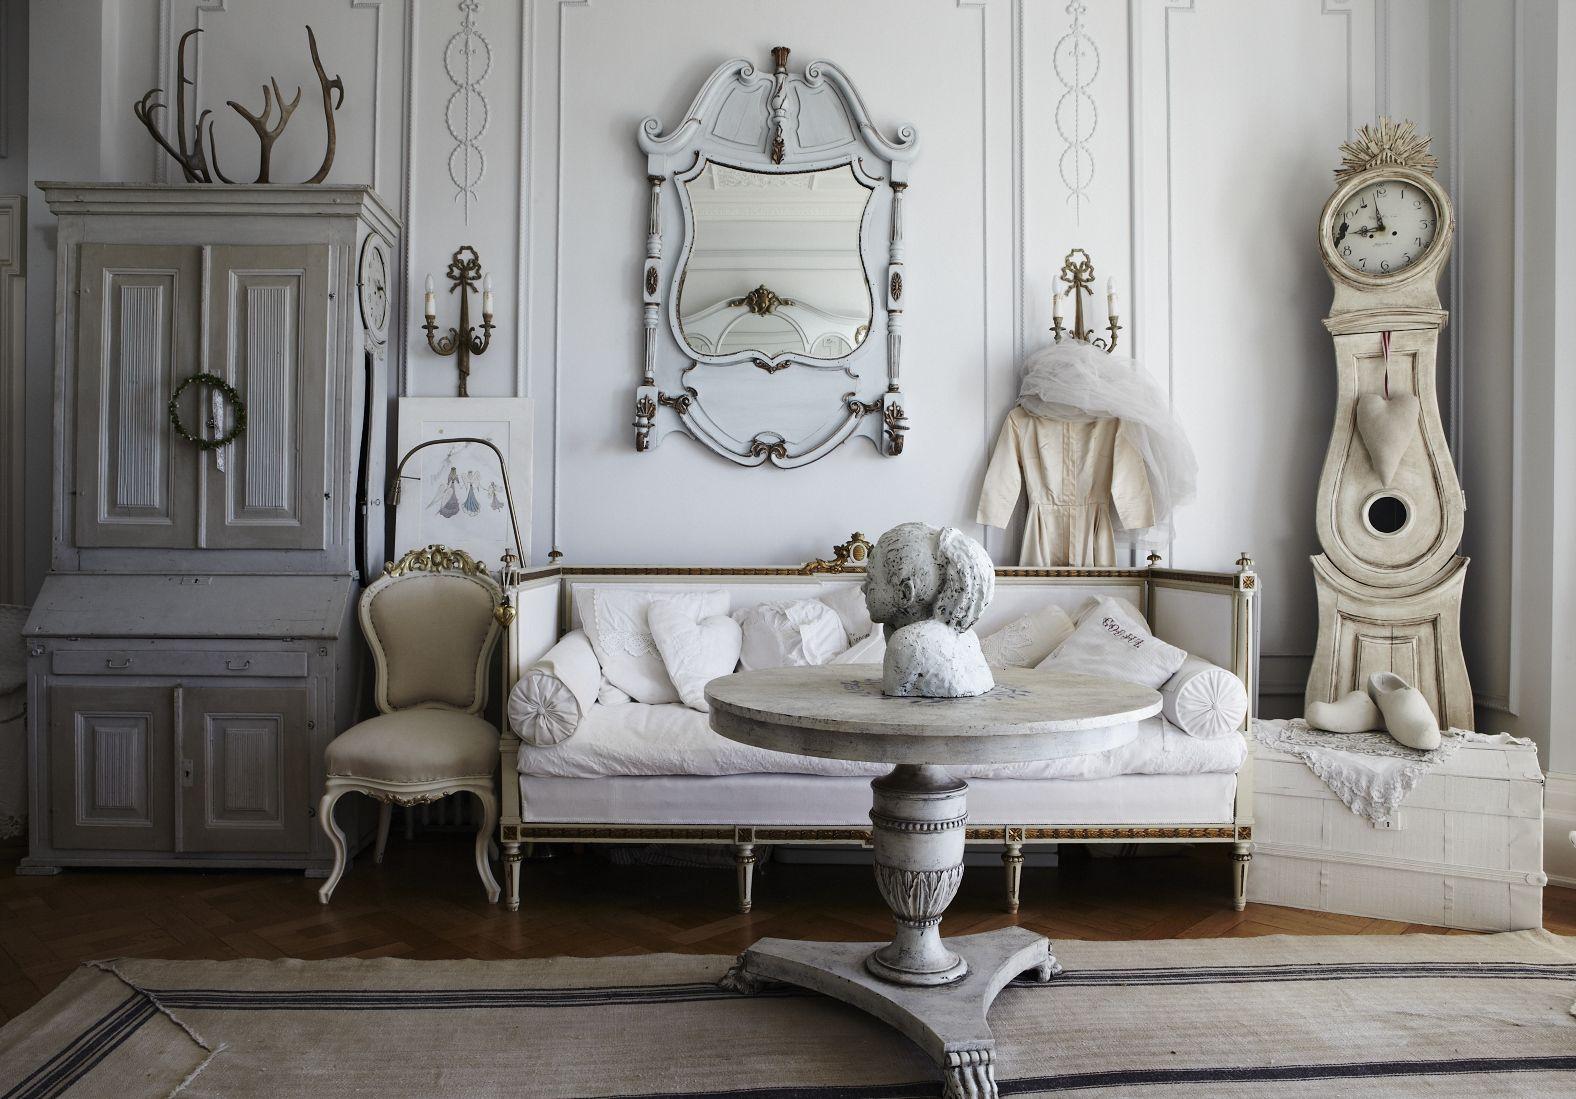 Furnitur dan ornamen dekorasi kuno yang unik dan antik - source: lamudi.co.id